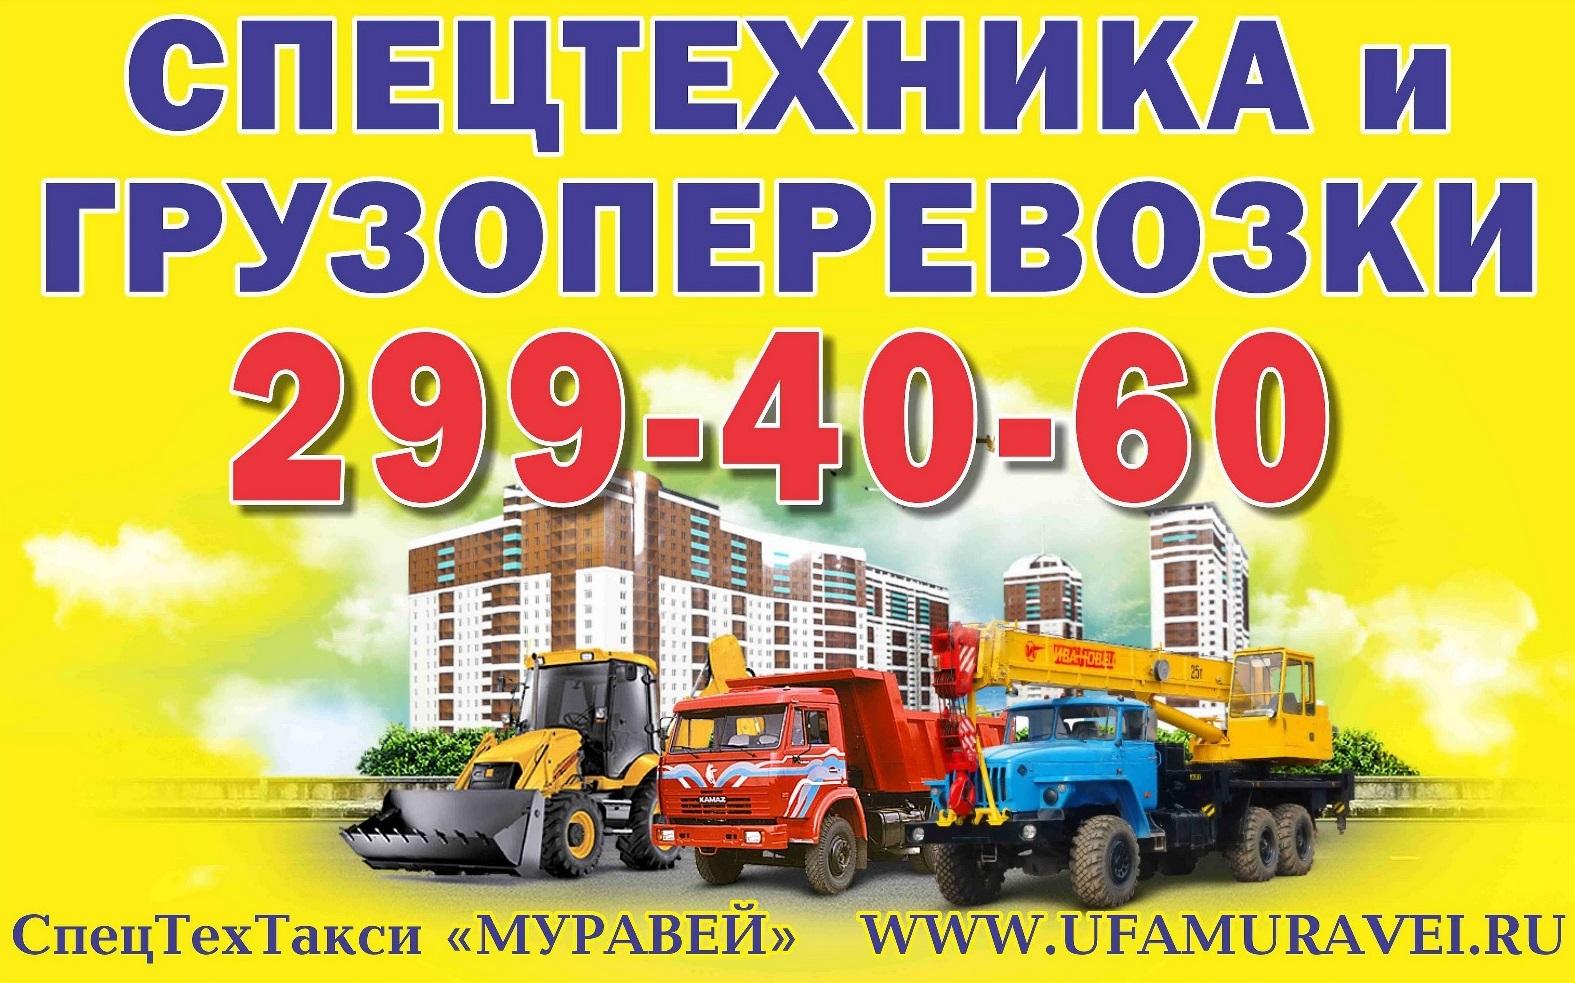 СпецТехТакси 89608004060